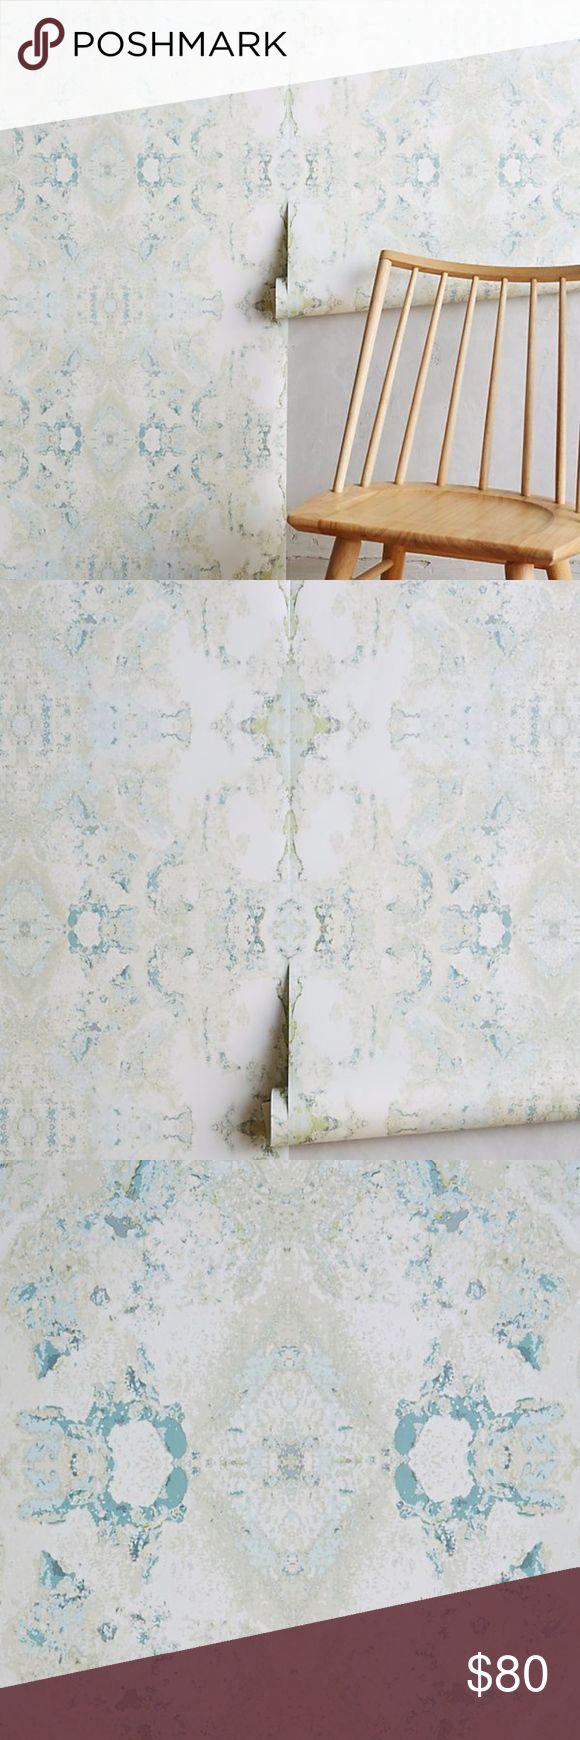 Anthropologie Candice Olsen Inner Beauty Wallpaper